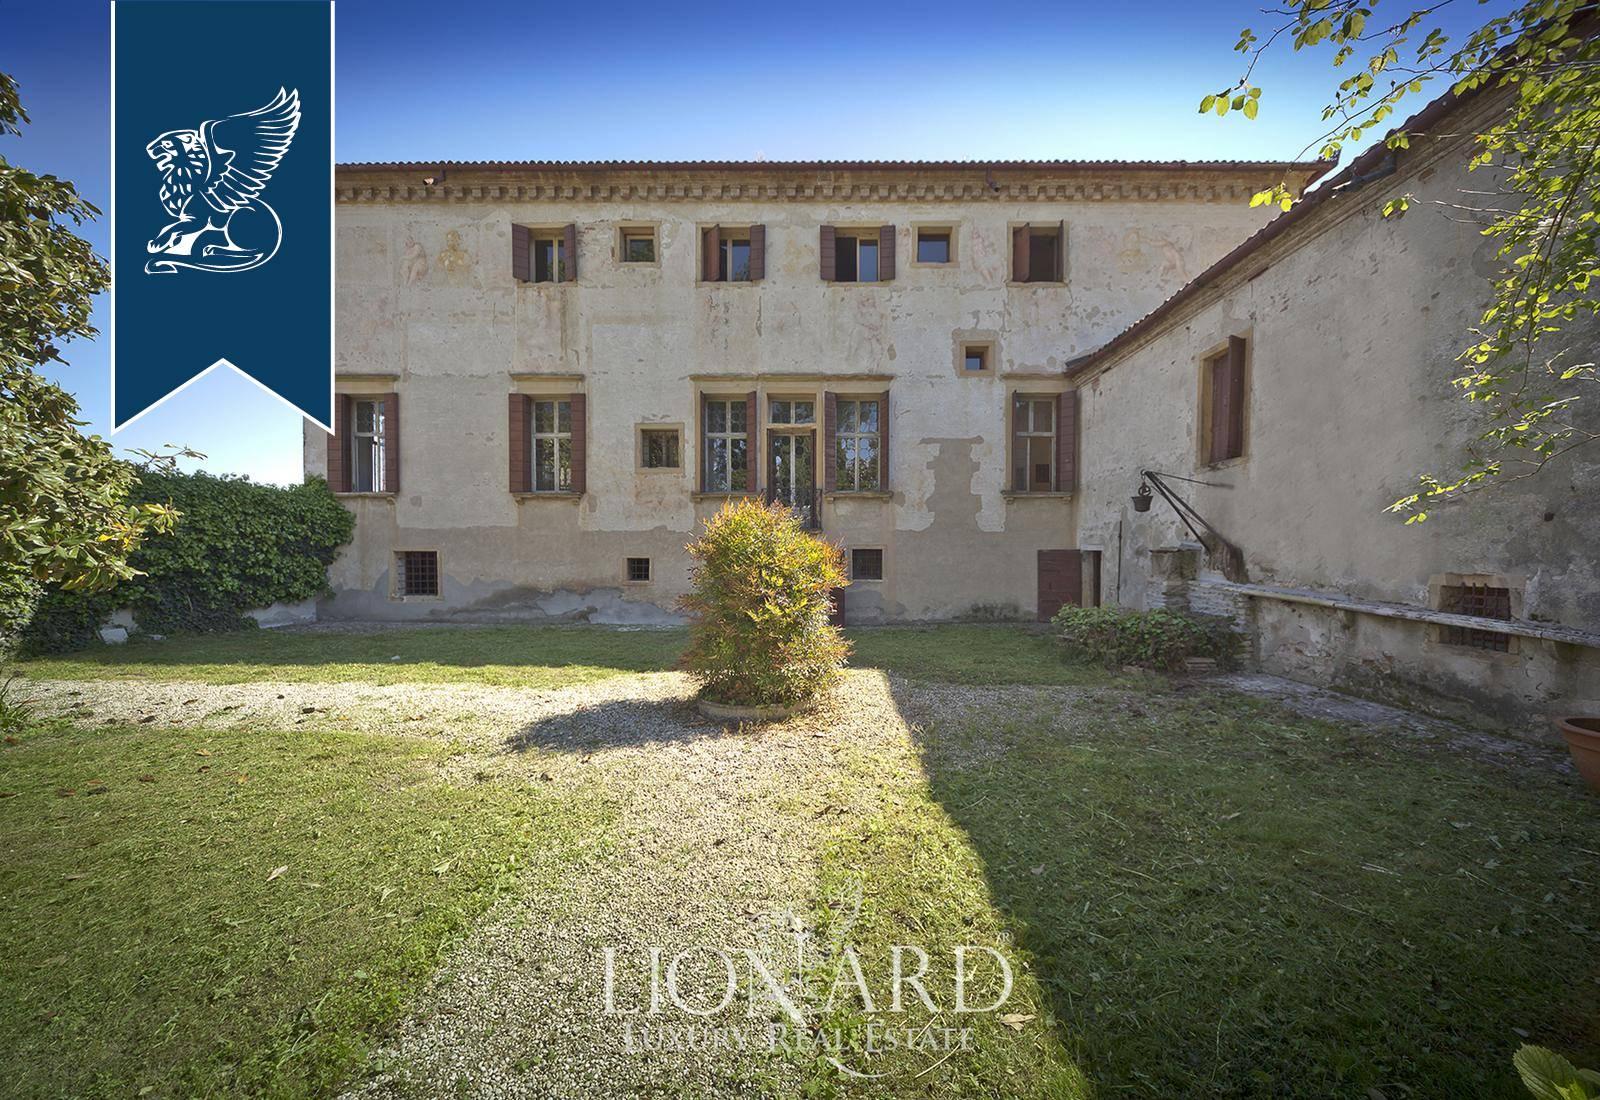 Villa in Vendita a Brugine: 3840 mq